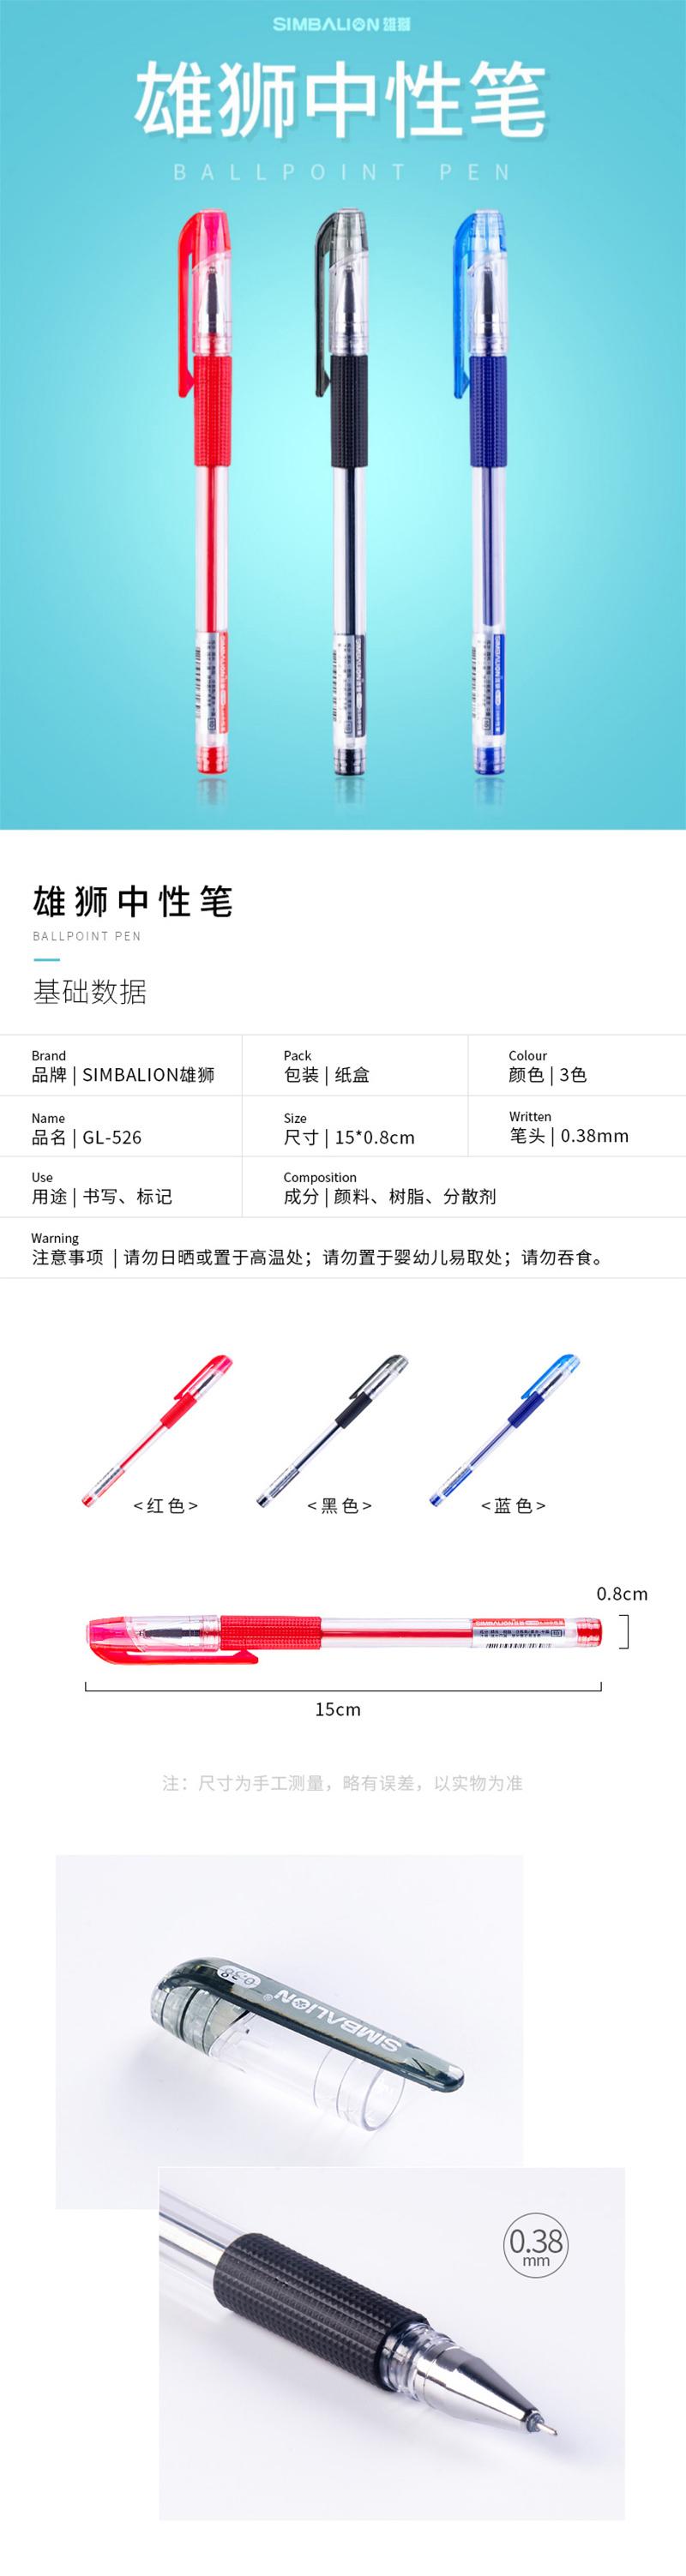 雄狮 GL-526 中性笔(红)